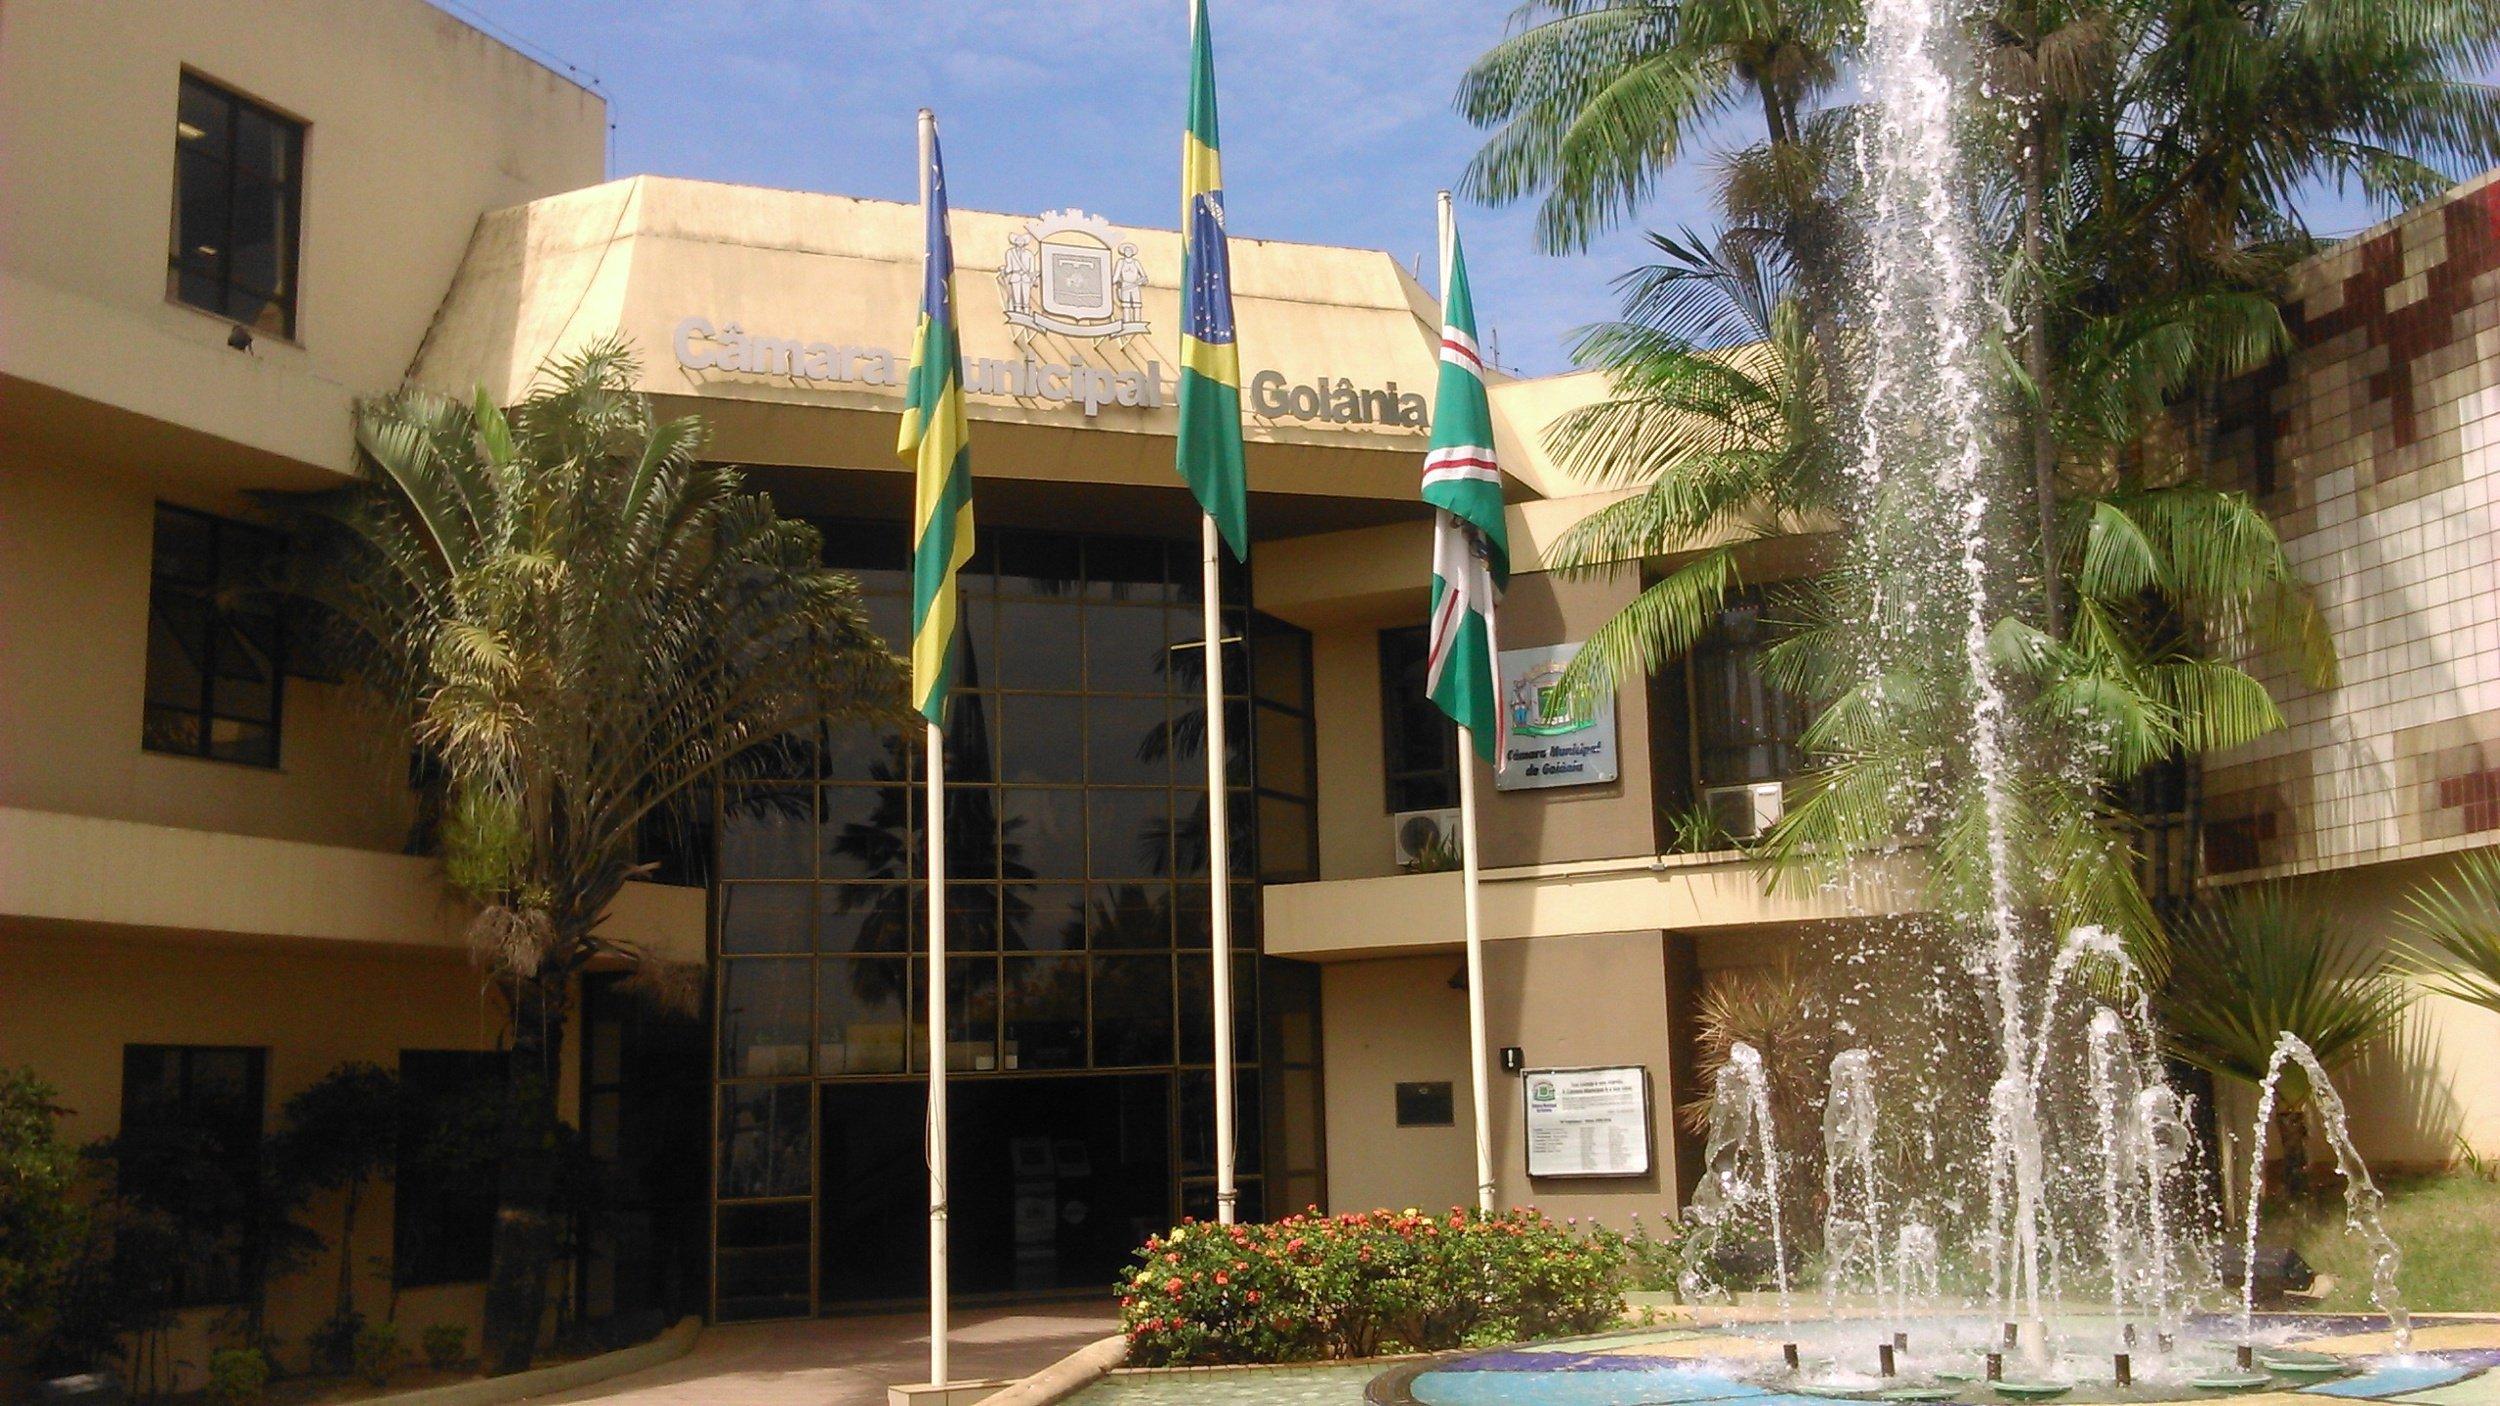 Câmara Municipal de Goiânia terá novo concurso ainda em 2017 | Foto: Reprodução